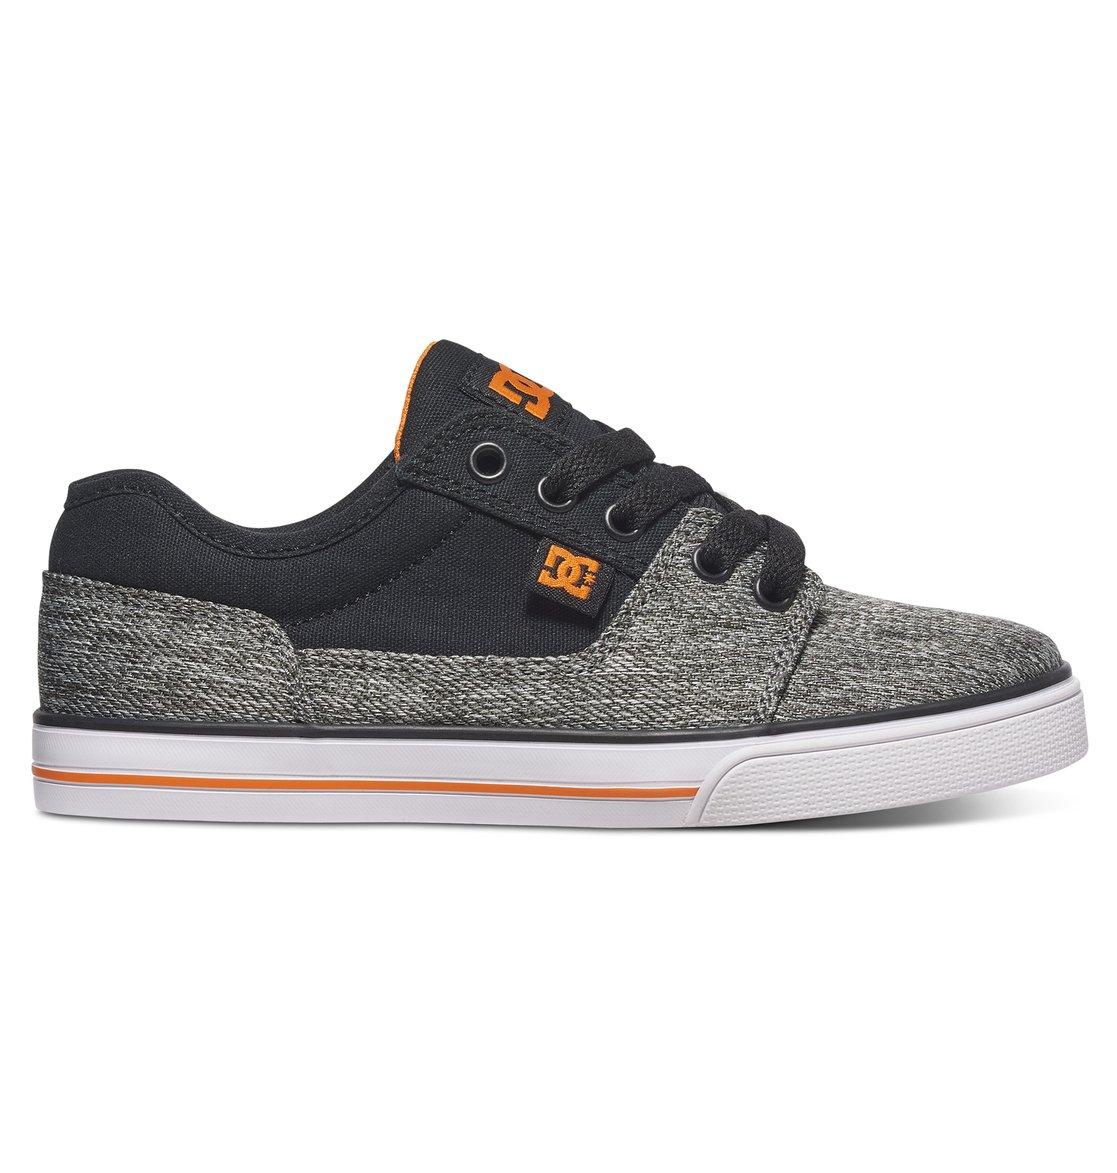 DC Shoes Tonik TX SE - Shoes - Zapatos - Chicos - EU 36.5 28IIUVi